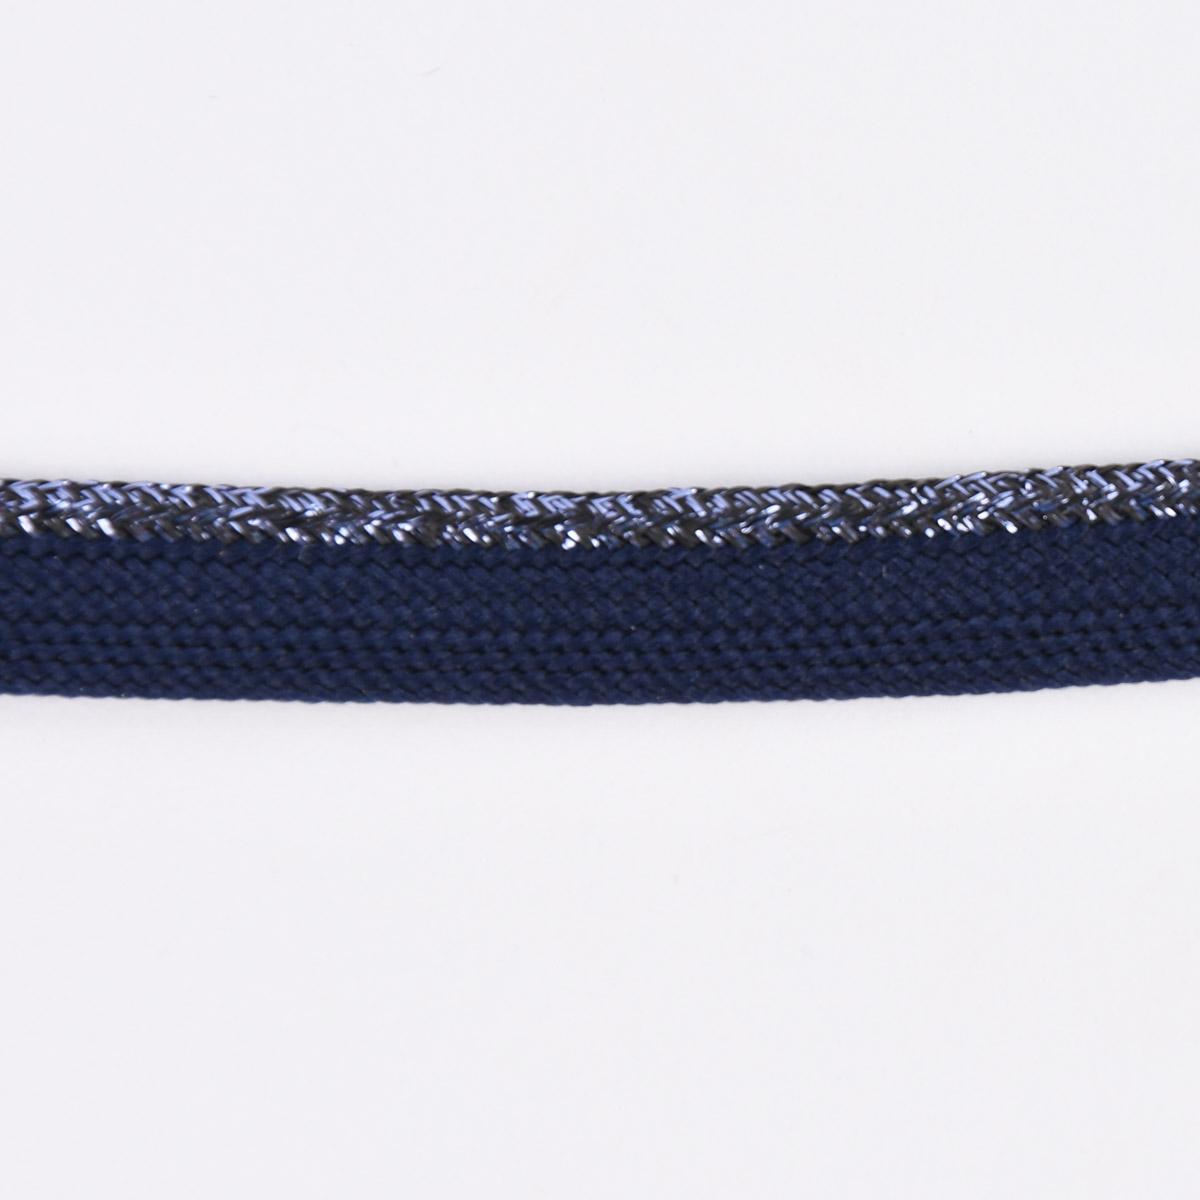 Paspelband Polyester dunkelblau Glitzer Lurex Breite: 1cm